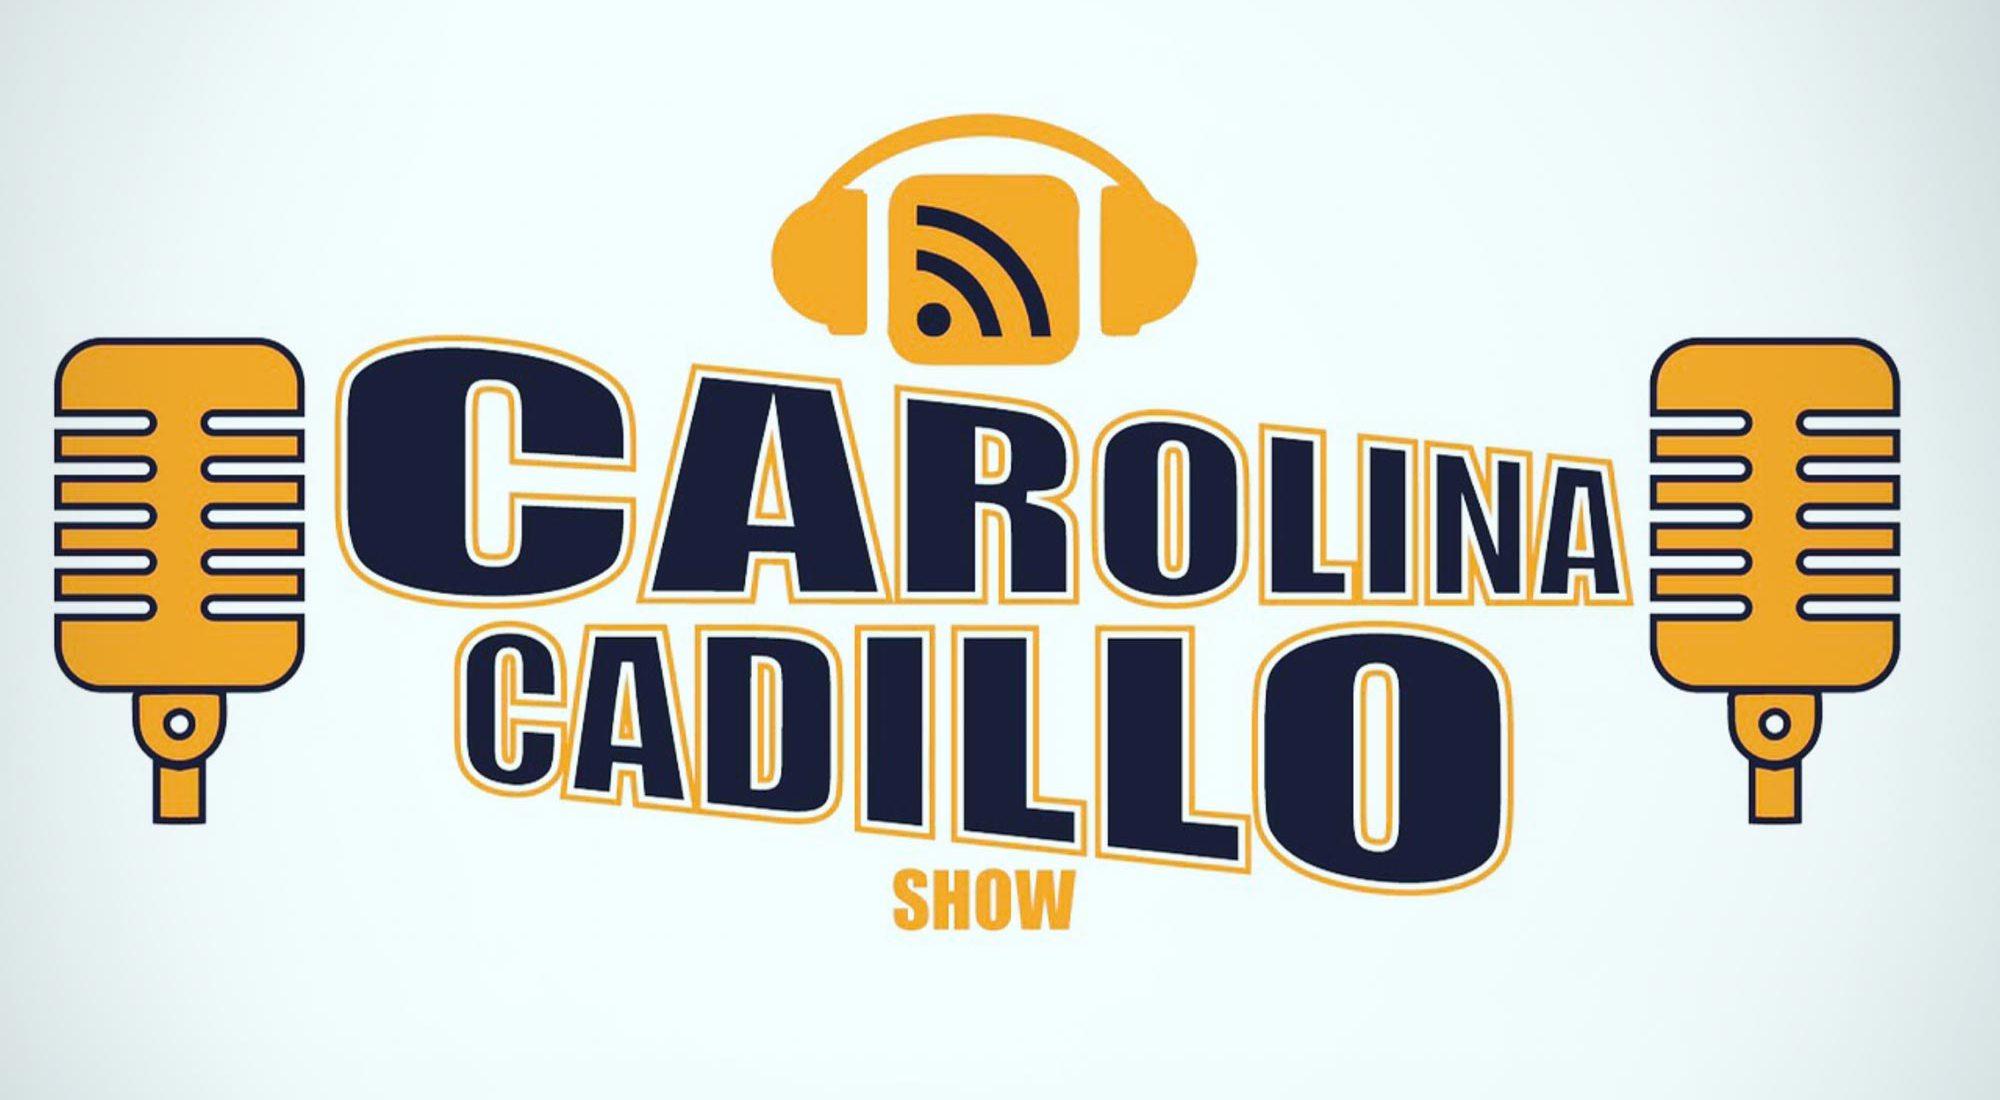 logan-al-coronel-carolina-cadillo-show